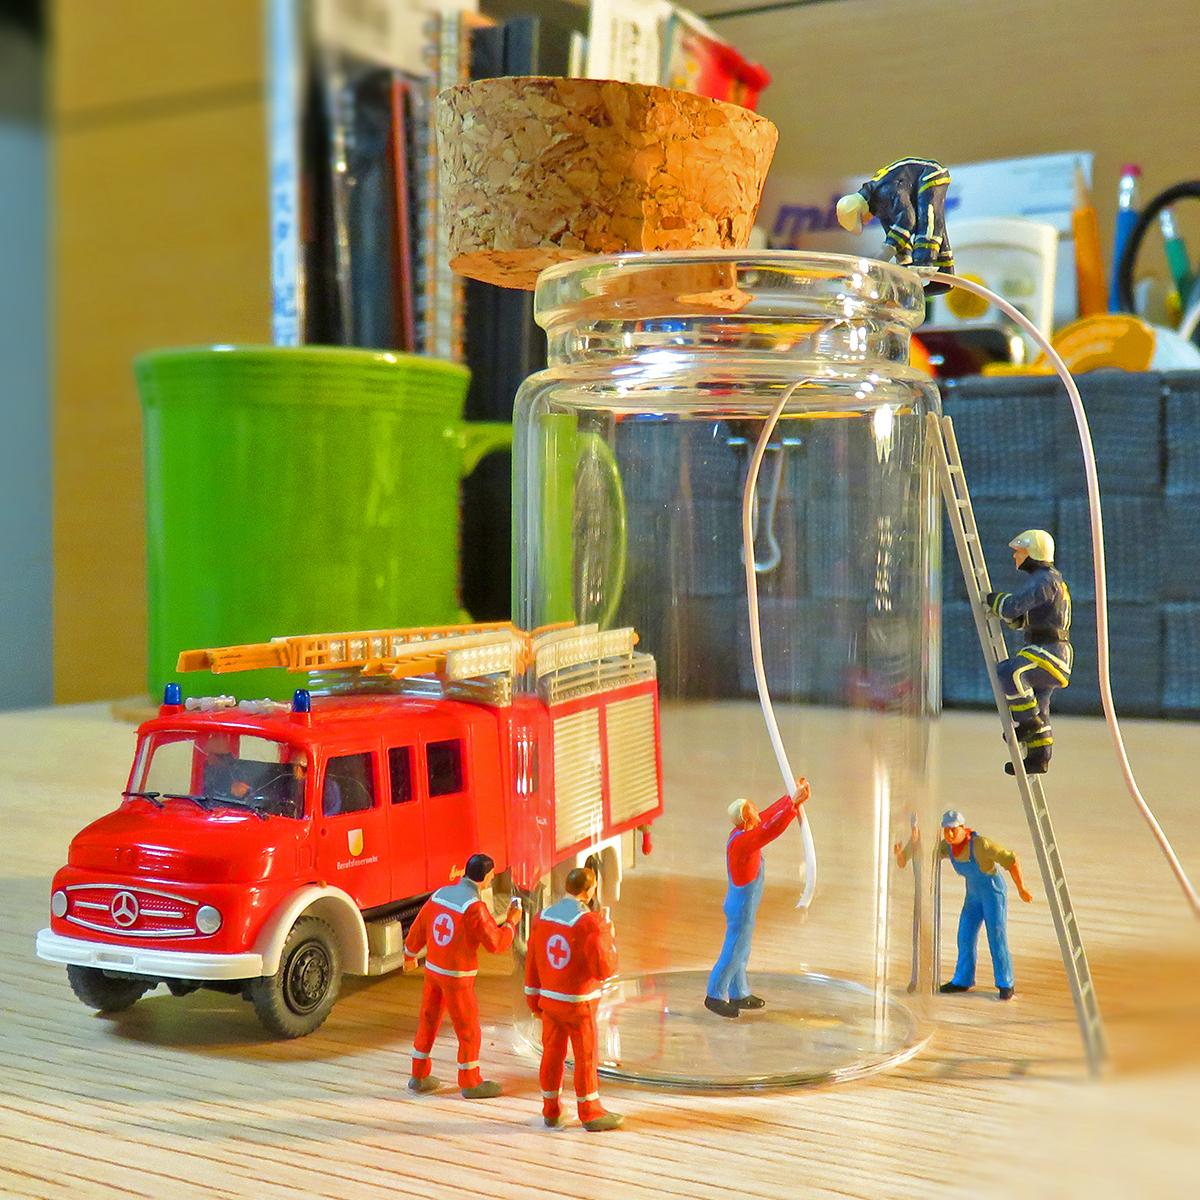 瓶に閉じ込められた小人を救助する消防隊